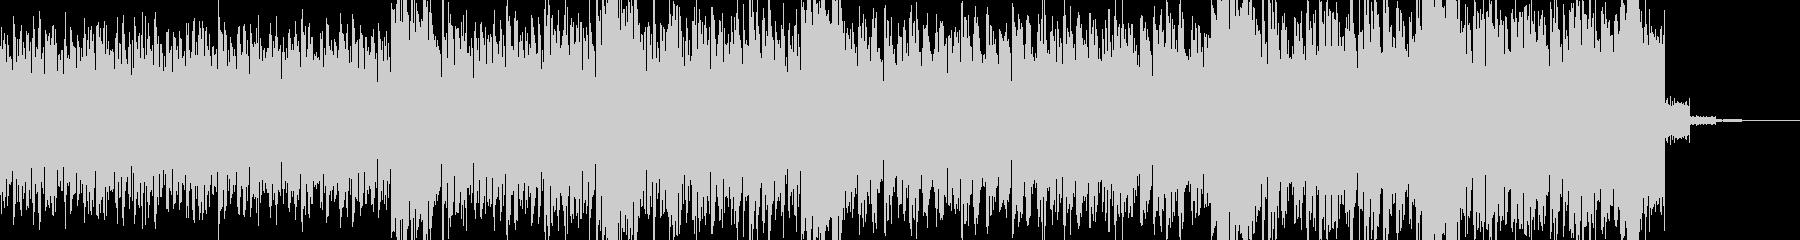 過激な音色構成のテクノ+トランス LAの未再生の波形